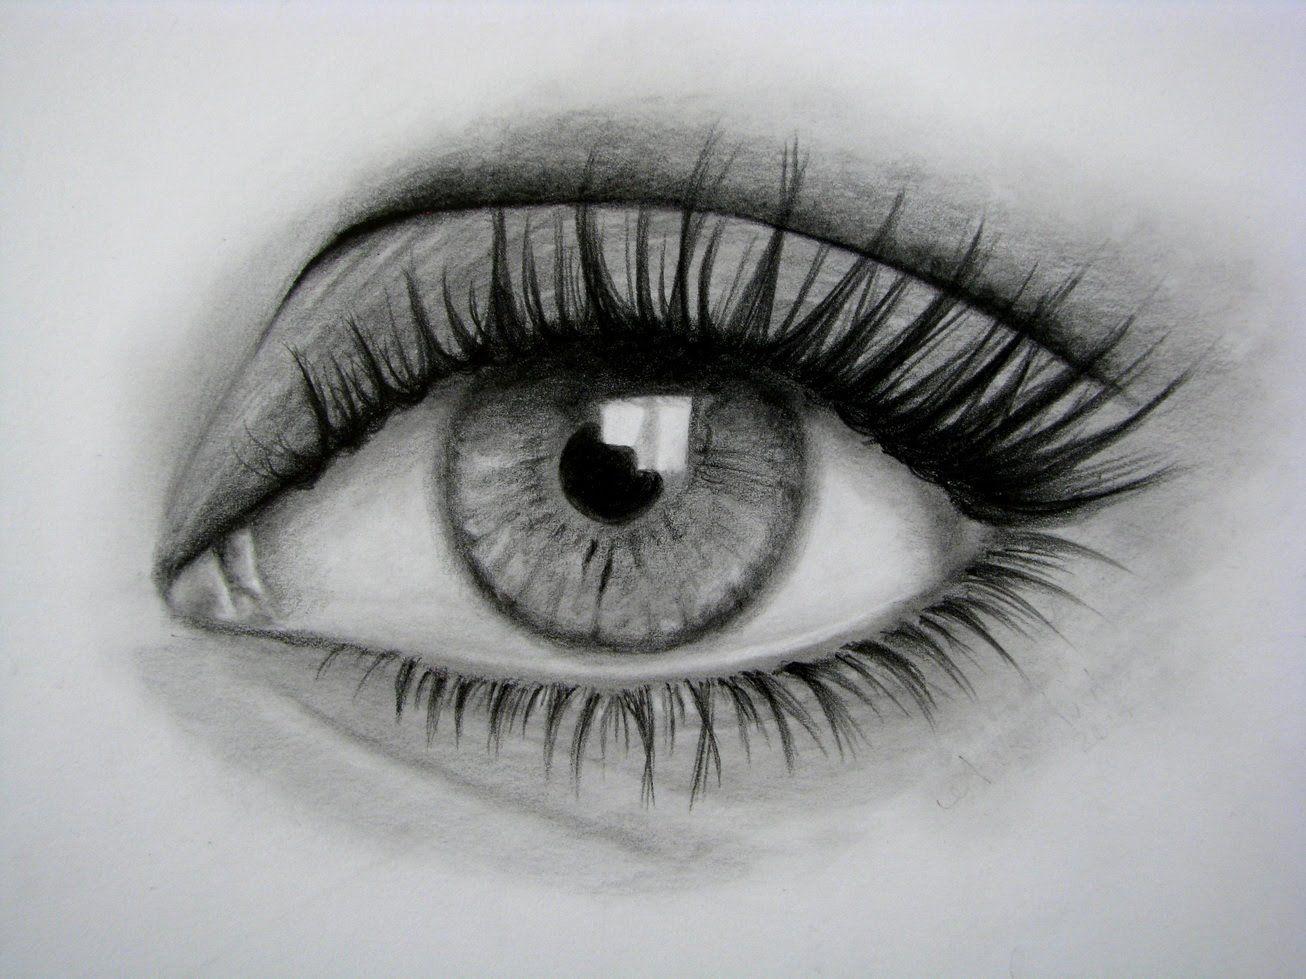 Como Dibujar Un Ojo Realista Y Pestanas Paso A Paso Ojos Dibujados A Lapiz Dibujos De Ojos Ojos A Lapiz